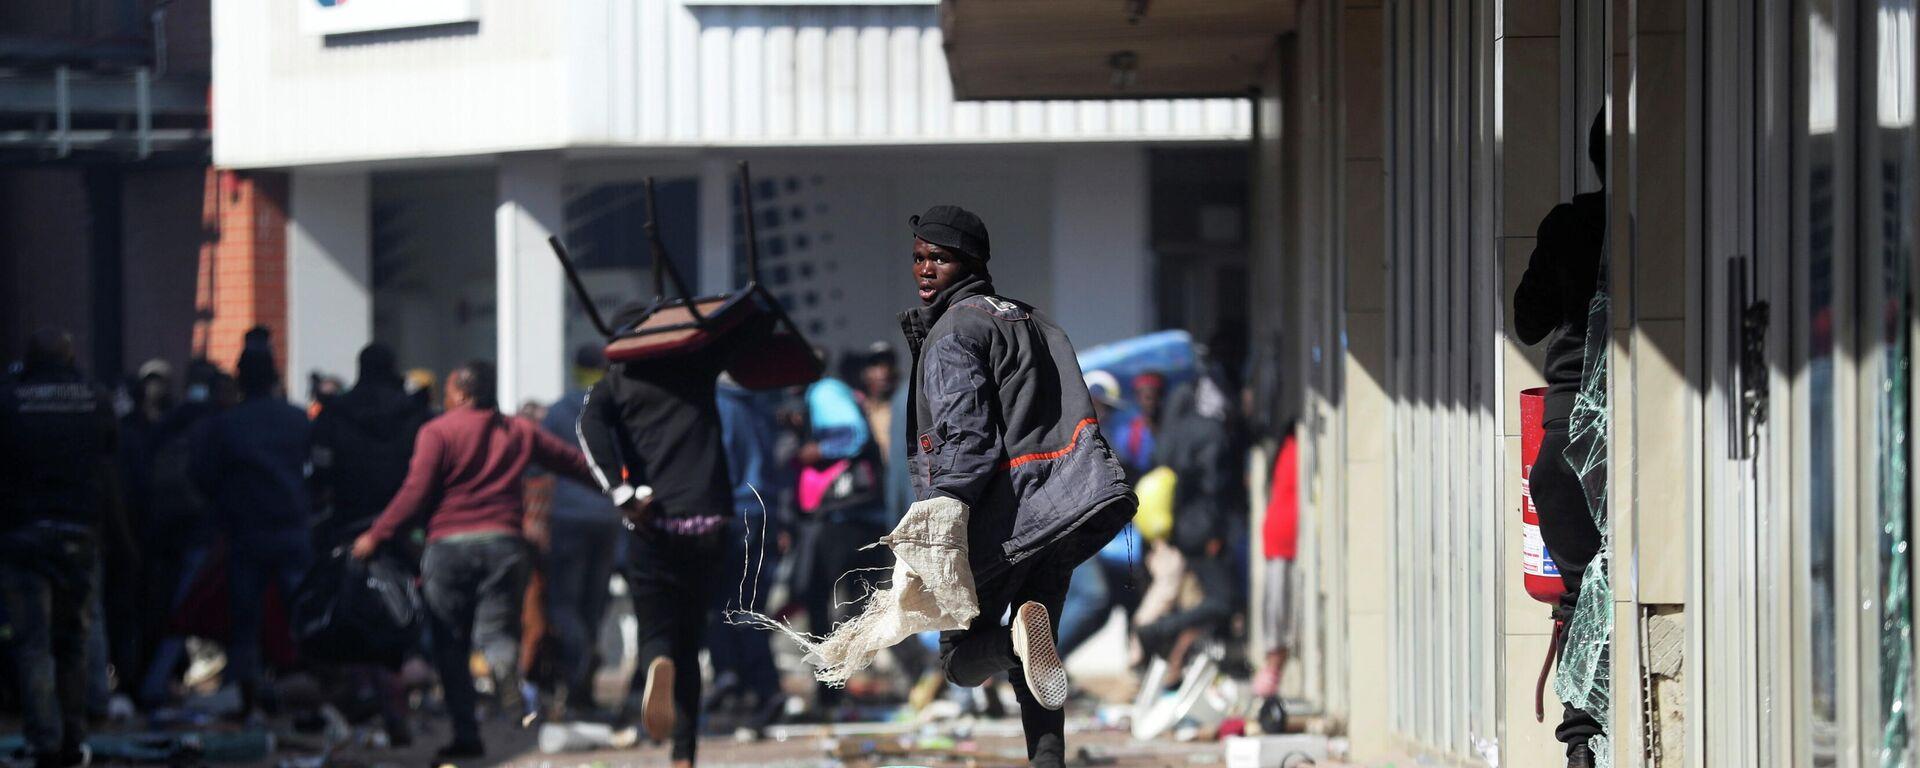 Unruhen in Südafrika nach der Inhaftierung des früheren Präsidenten Jacob Zuma - SNA, 1920, 12.07.2021